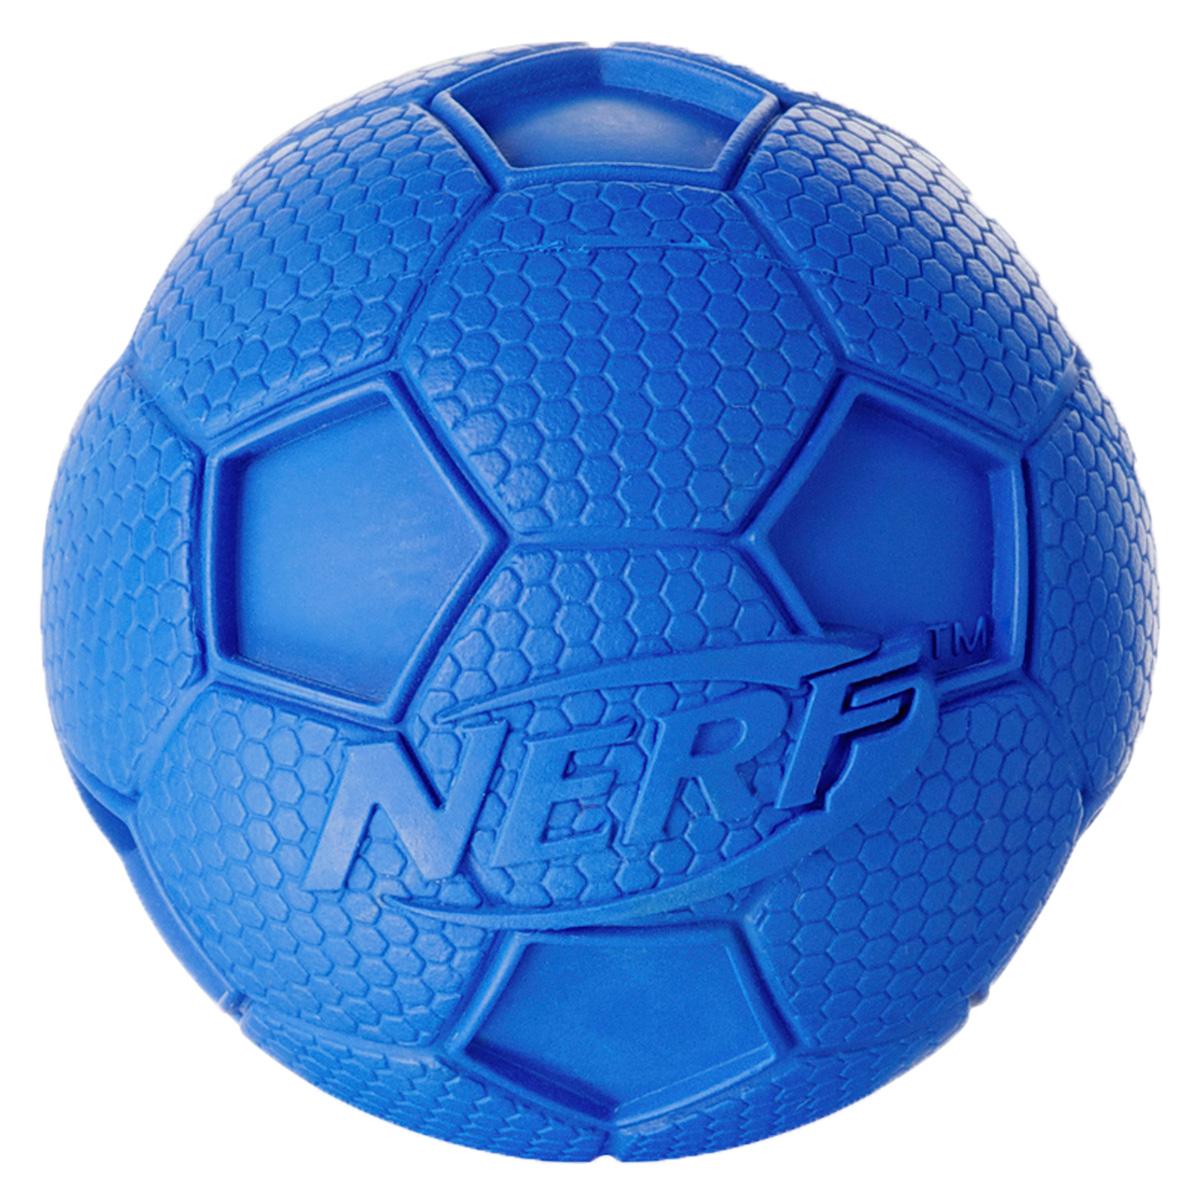 Игрушка для собак Nerf Мяч футбольный, с пищалкой, цвет: голубой, 8 см0120710Мяч Nerf выполнен из сверхпрочной резины. Оптимален для игры с собакой дома и на свежем воздухе.Подходит собакам с самой мощной челюстью!Высококачественные прочные материалы, из которых изготовлена игрушка, обеспечивают долговечность использования.Звук мяча дополнительно увлекает собаку игрой.Размер M: 8 см.